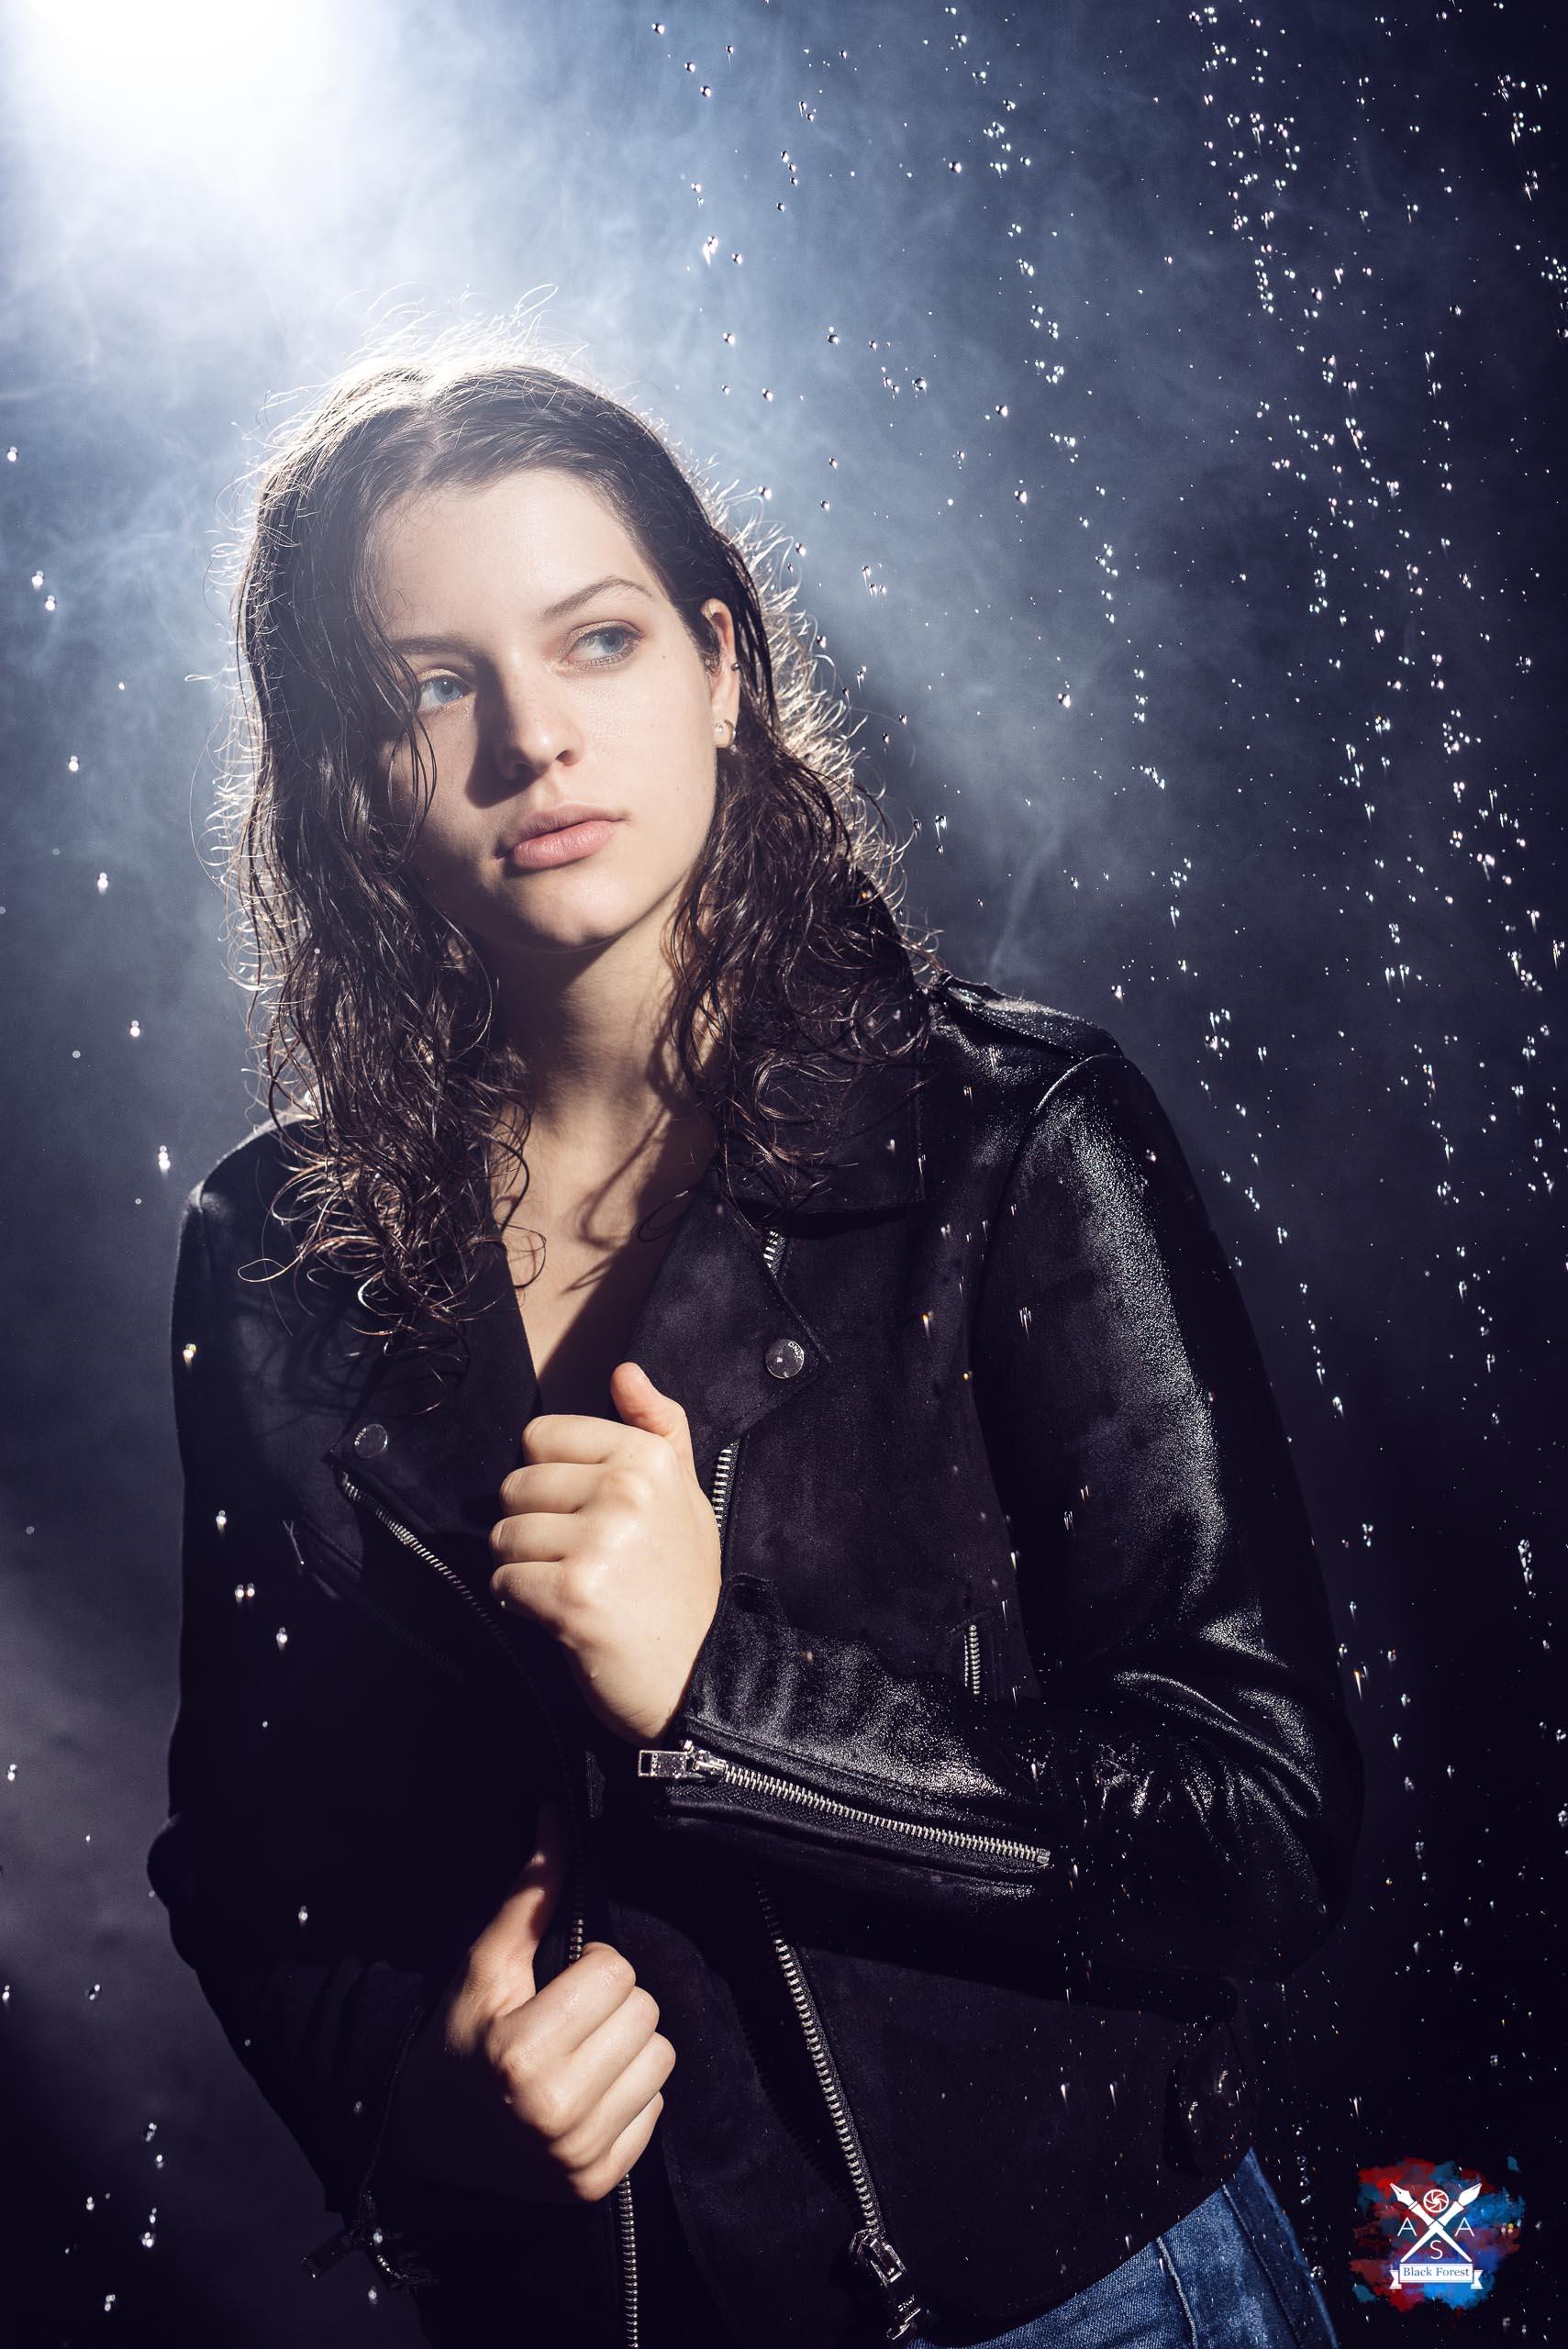 rainshooting